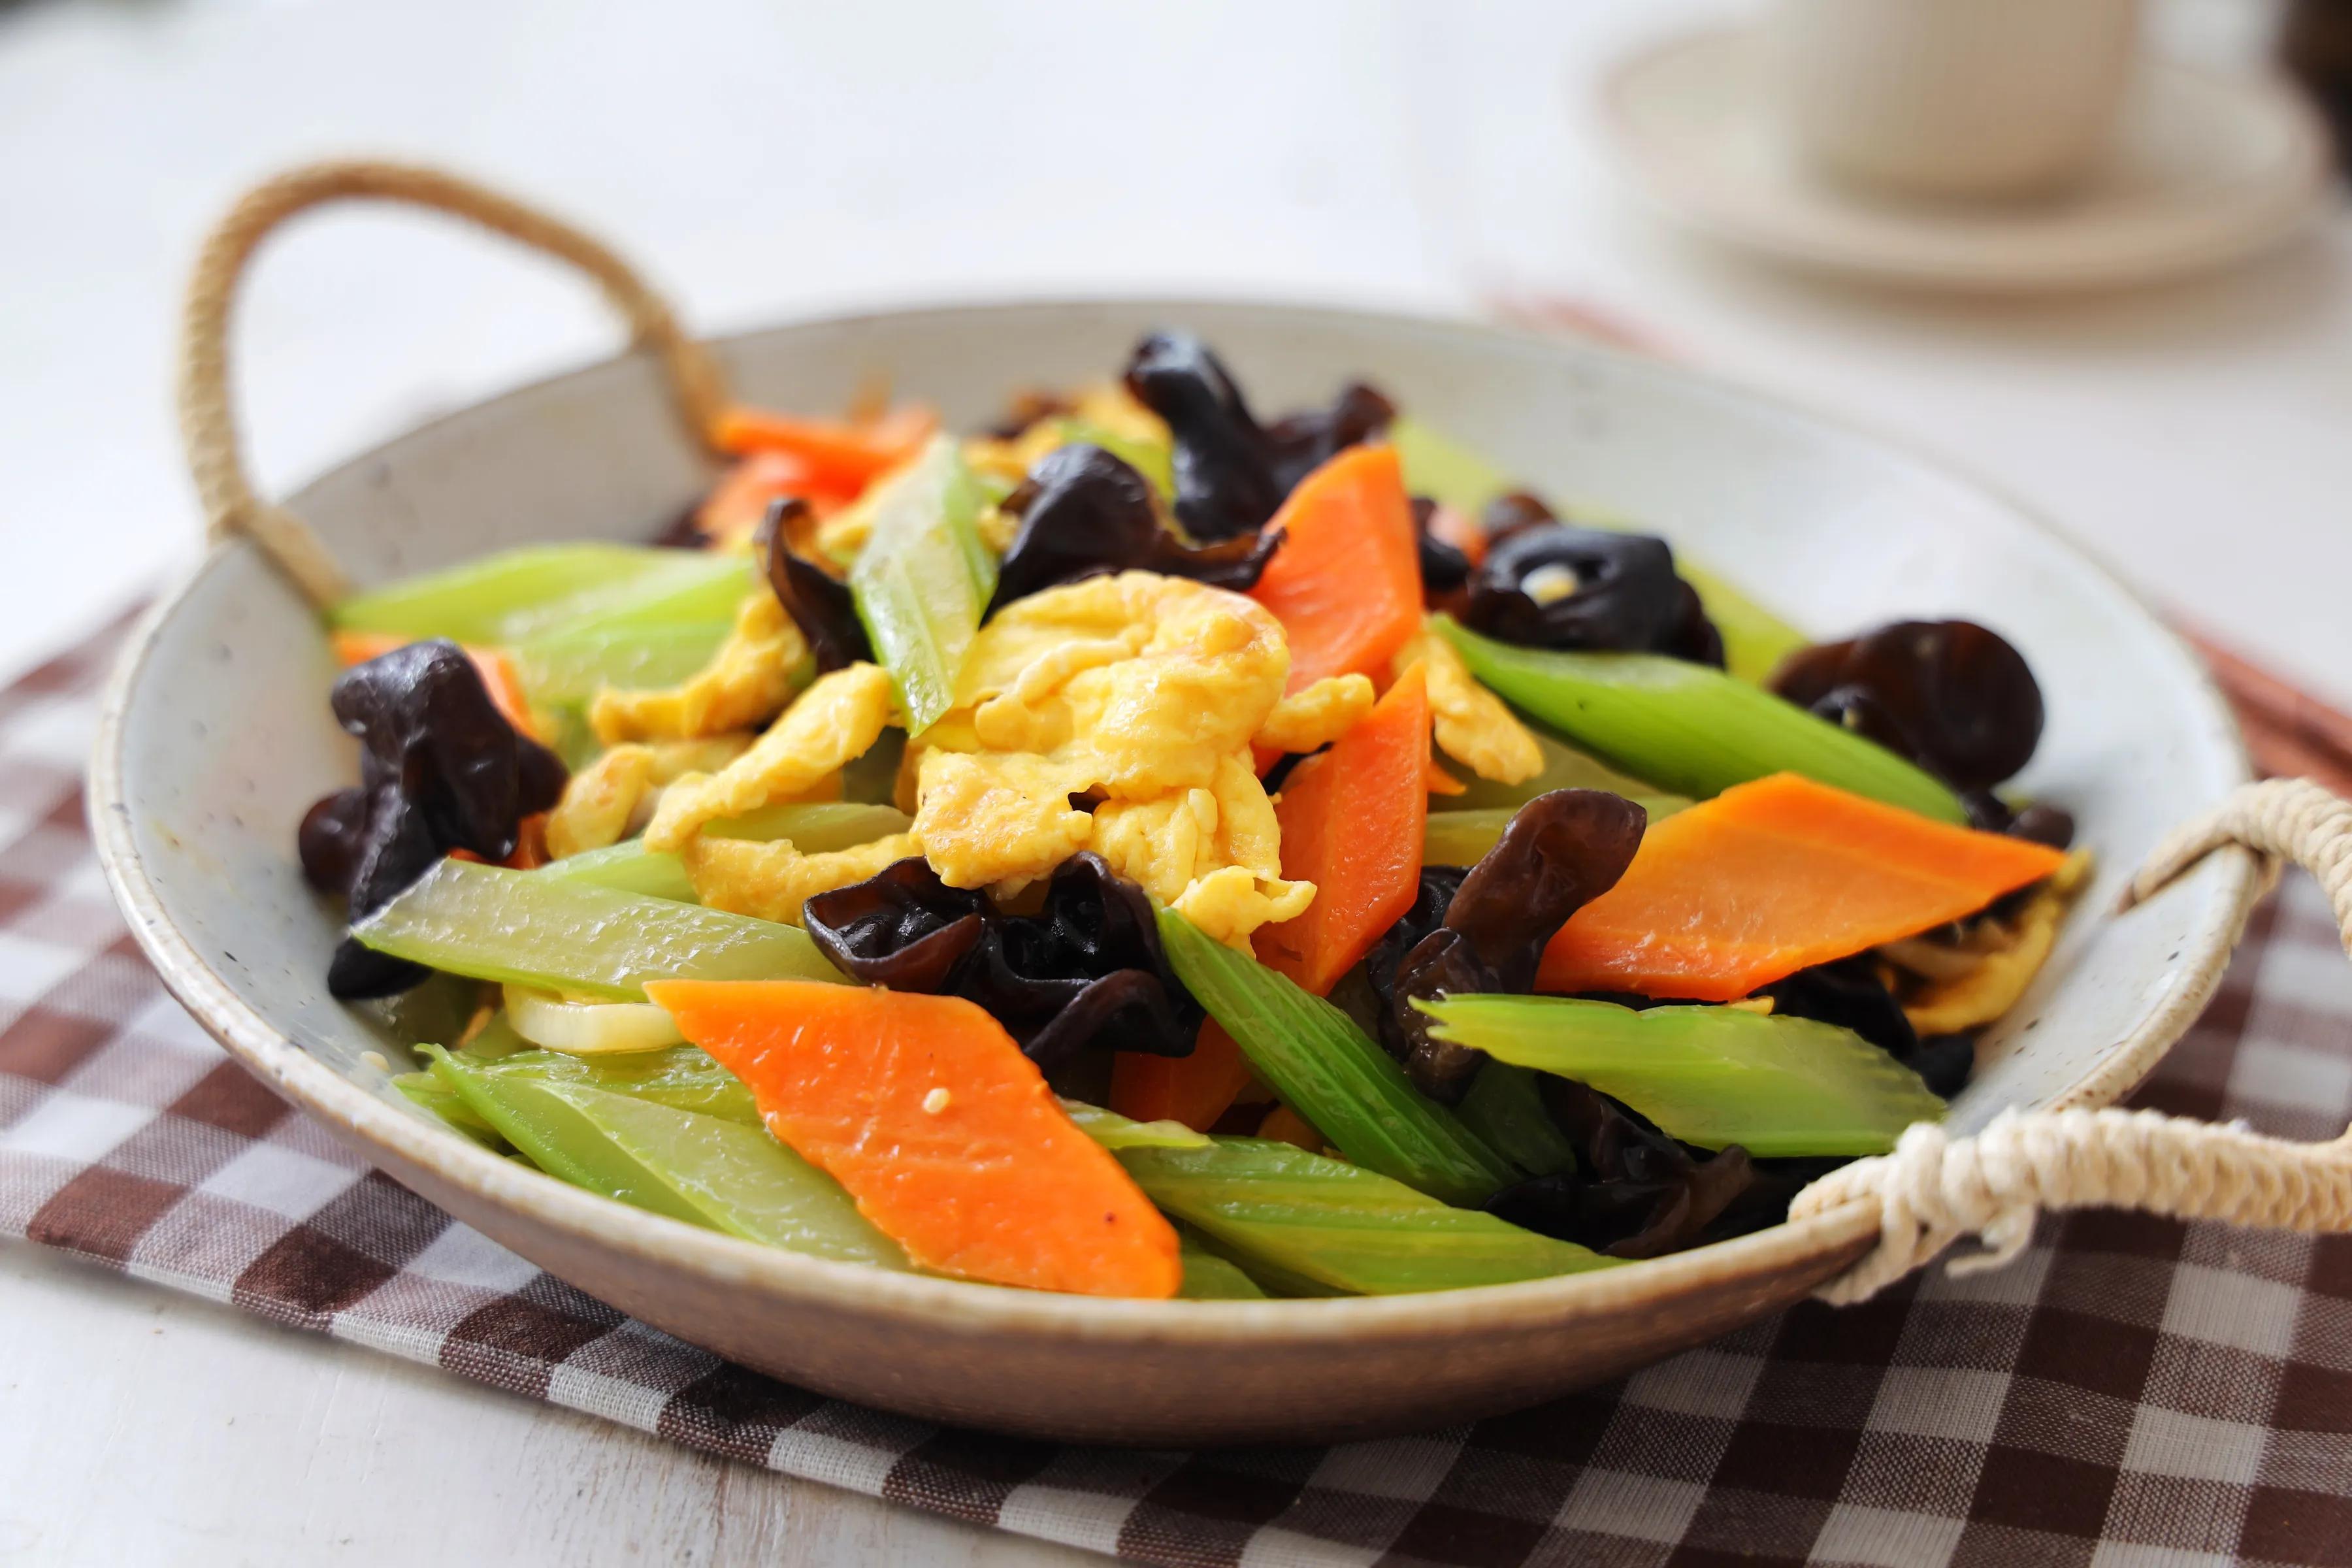 家里有老人孩子,要多吃这道素菜,鲜香脆爽,越吃越健康 美食做法 第2张